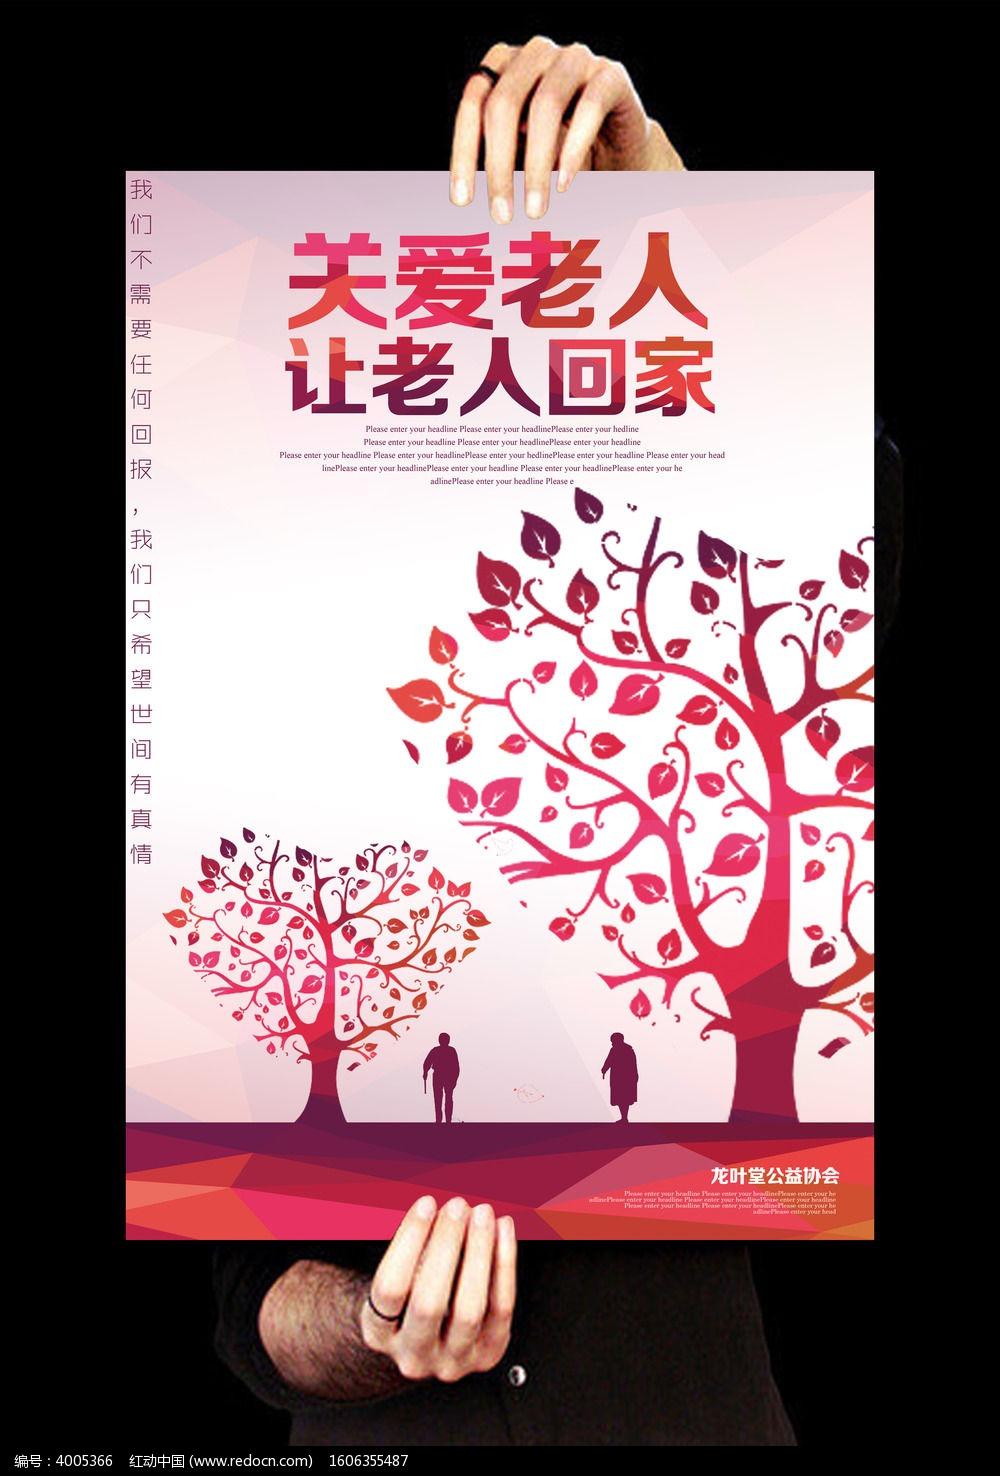 创意关爱老人公益海报设计素材下载 编号4005366 红动网图片